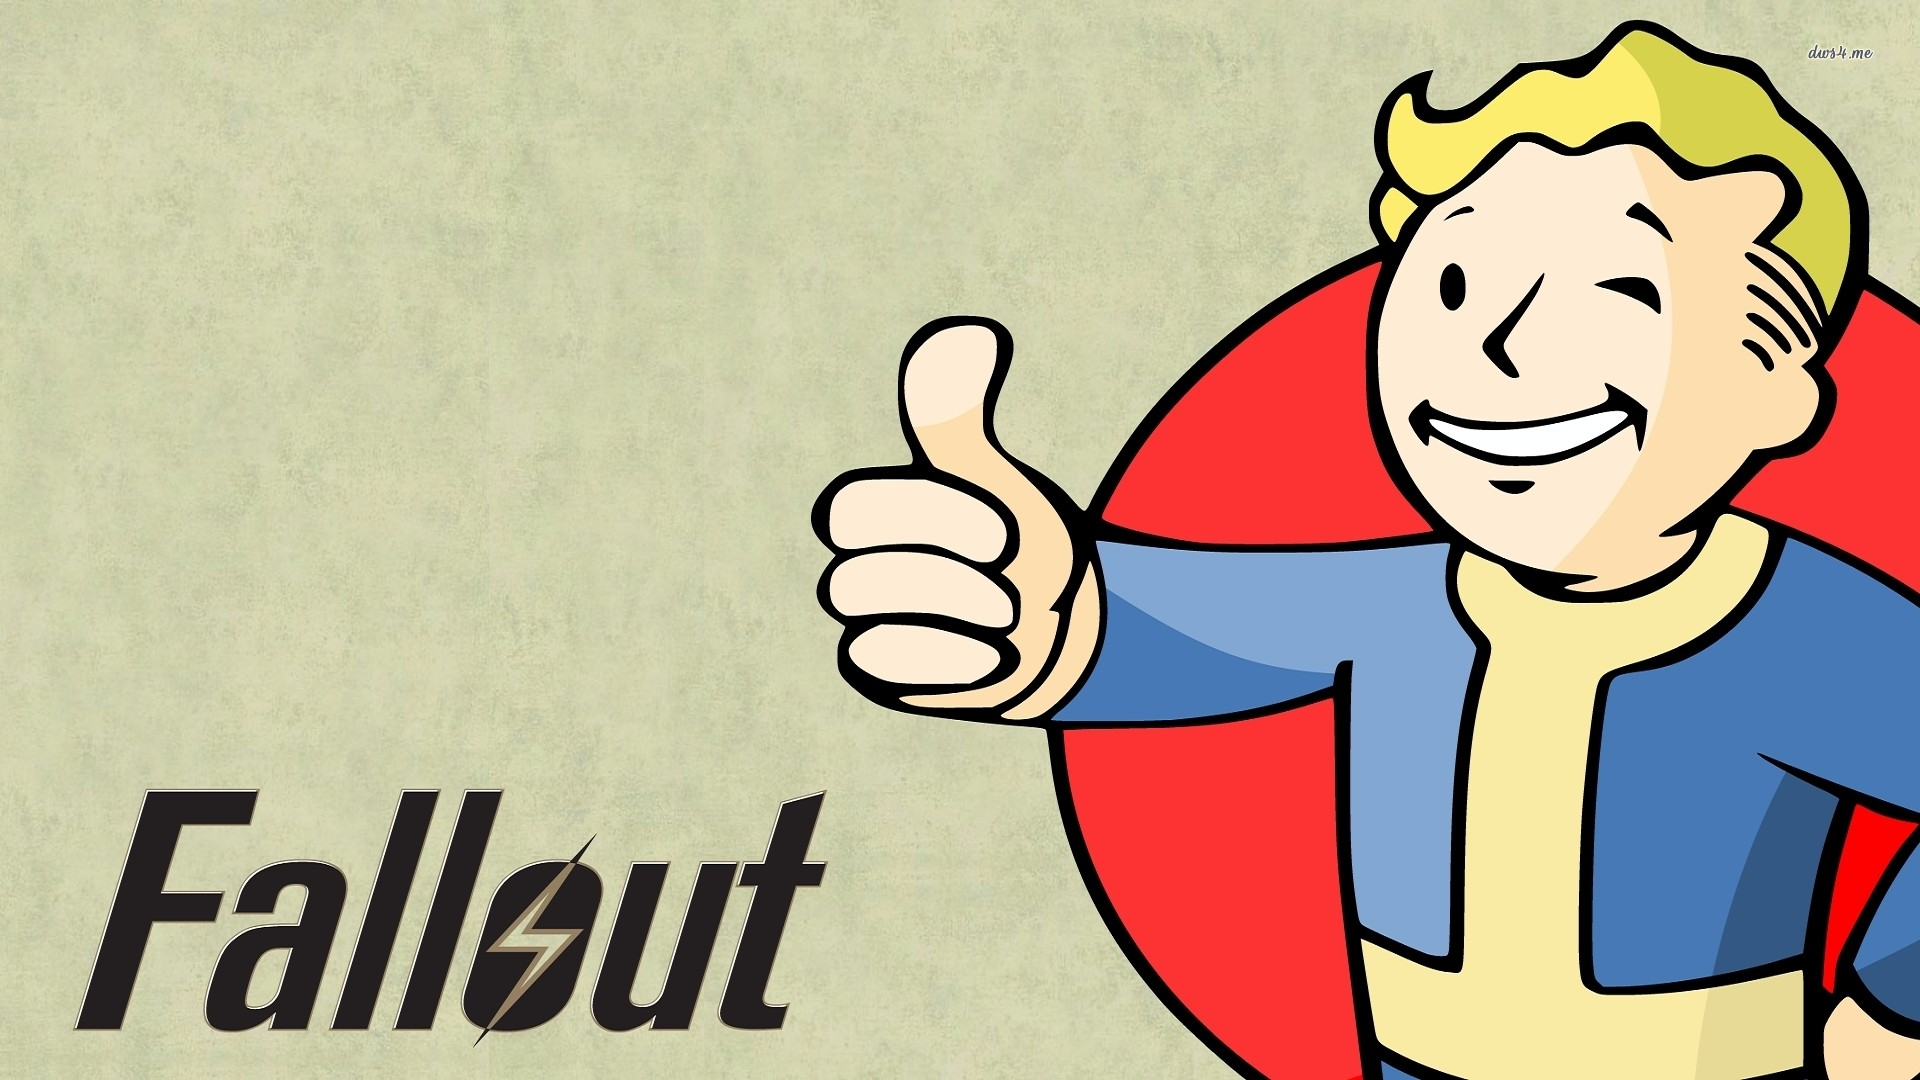 Vault Boy – Fallout wallpaper 1280×800 Vault Boy – Fallout wallpaper .